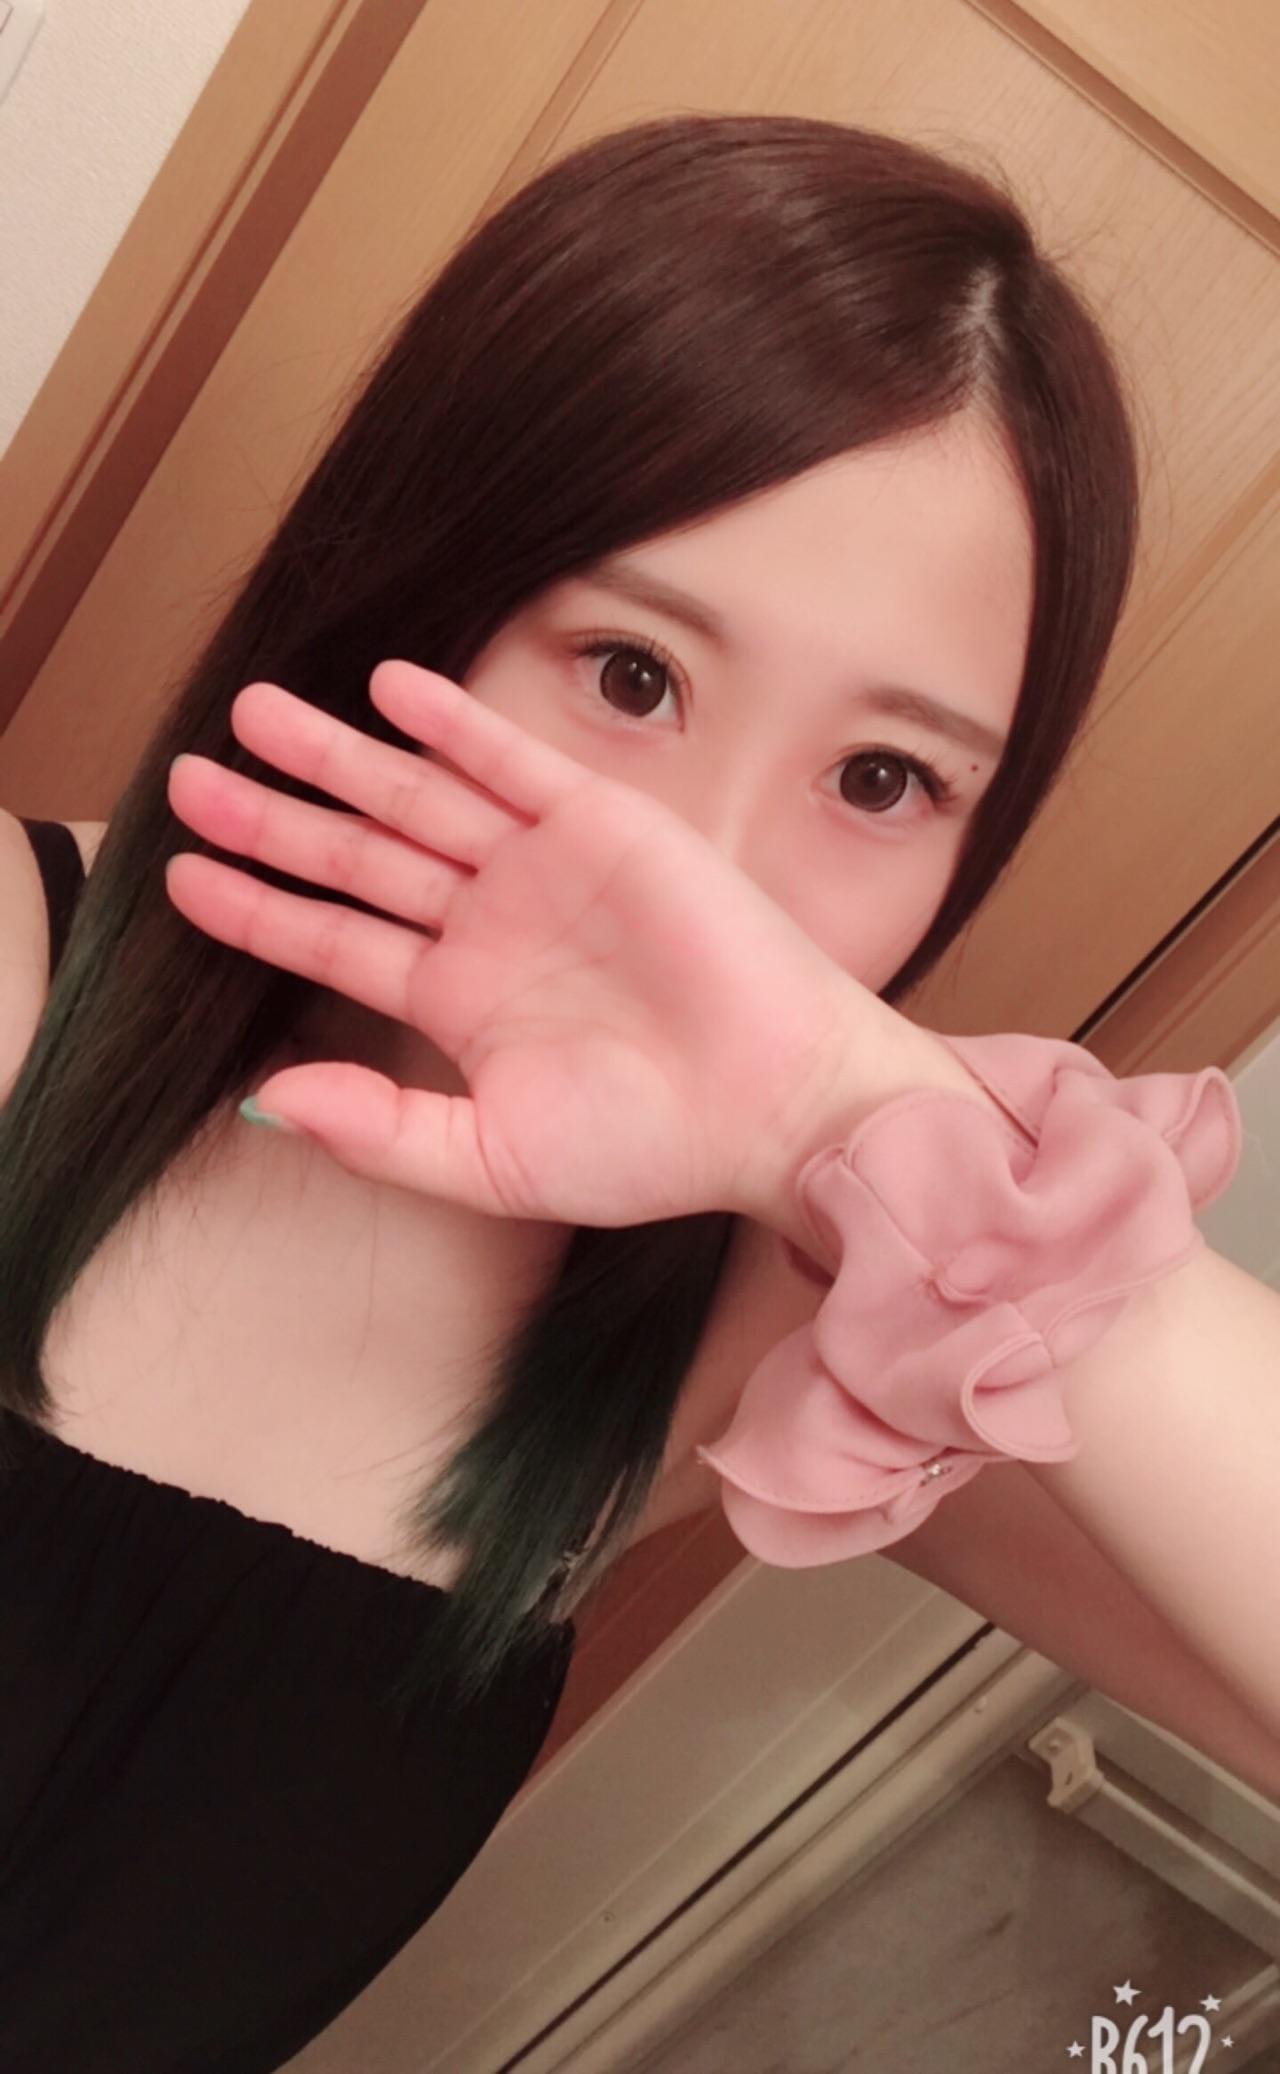 「頭の形*」06/19(火) 18:21   ゆめの写メ・風俗動画